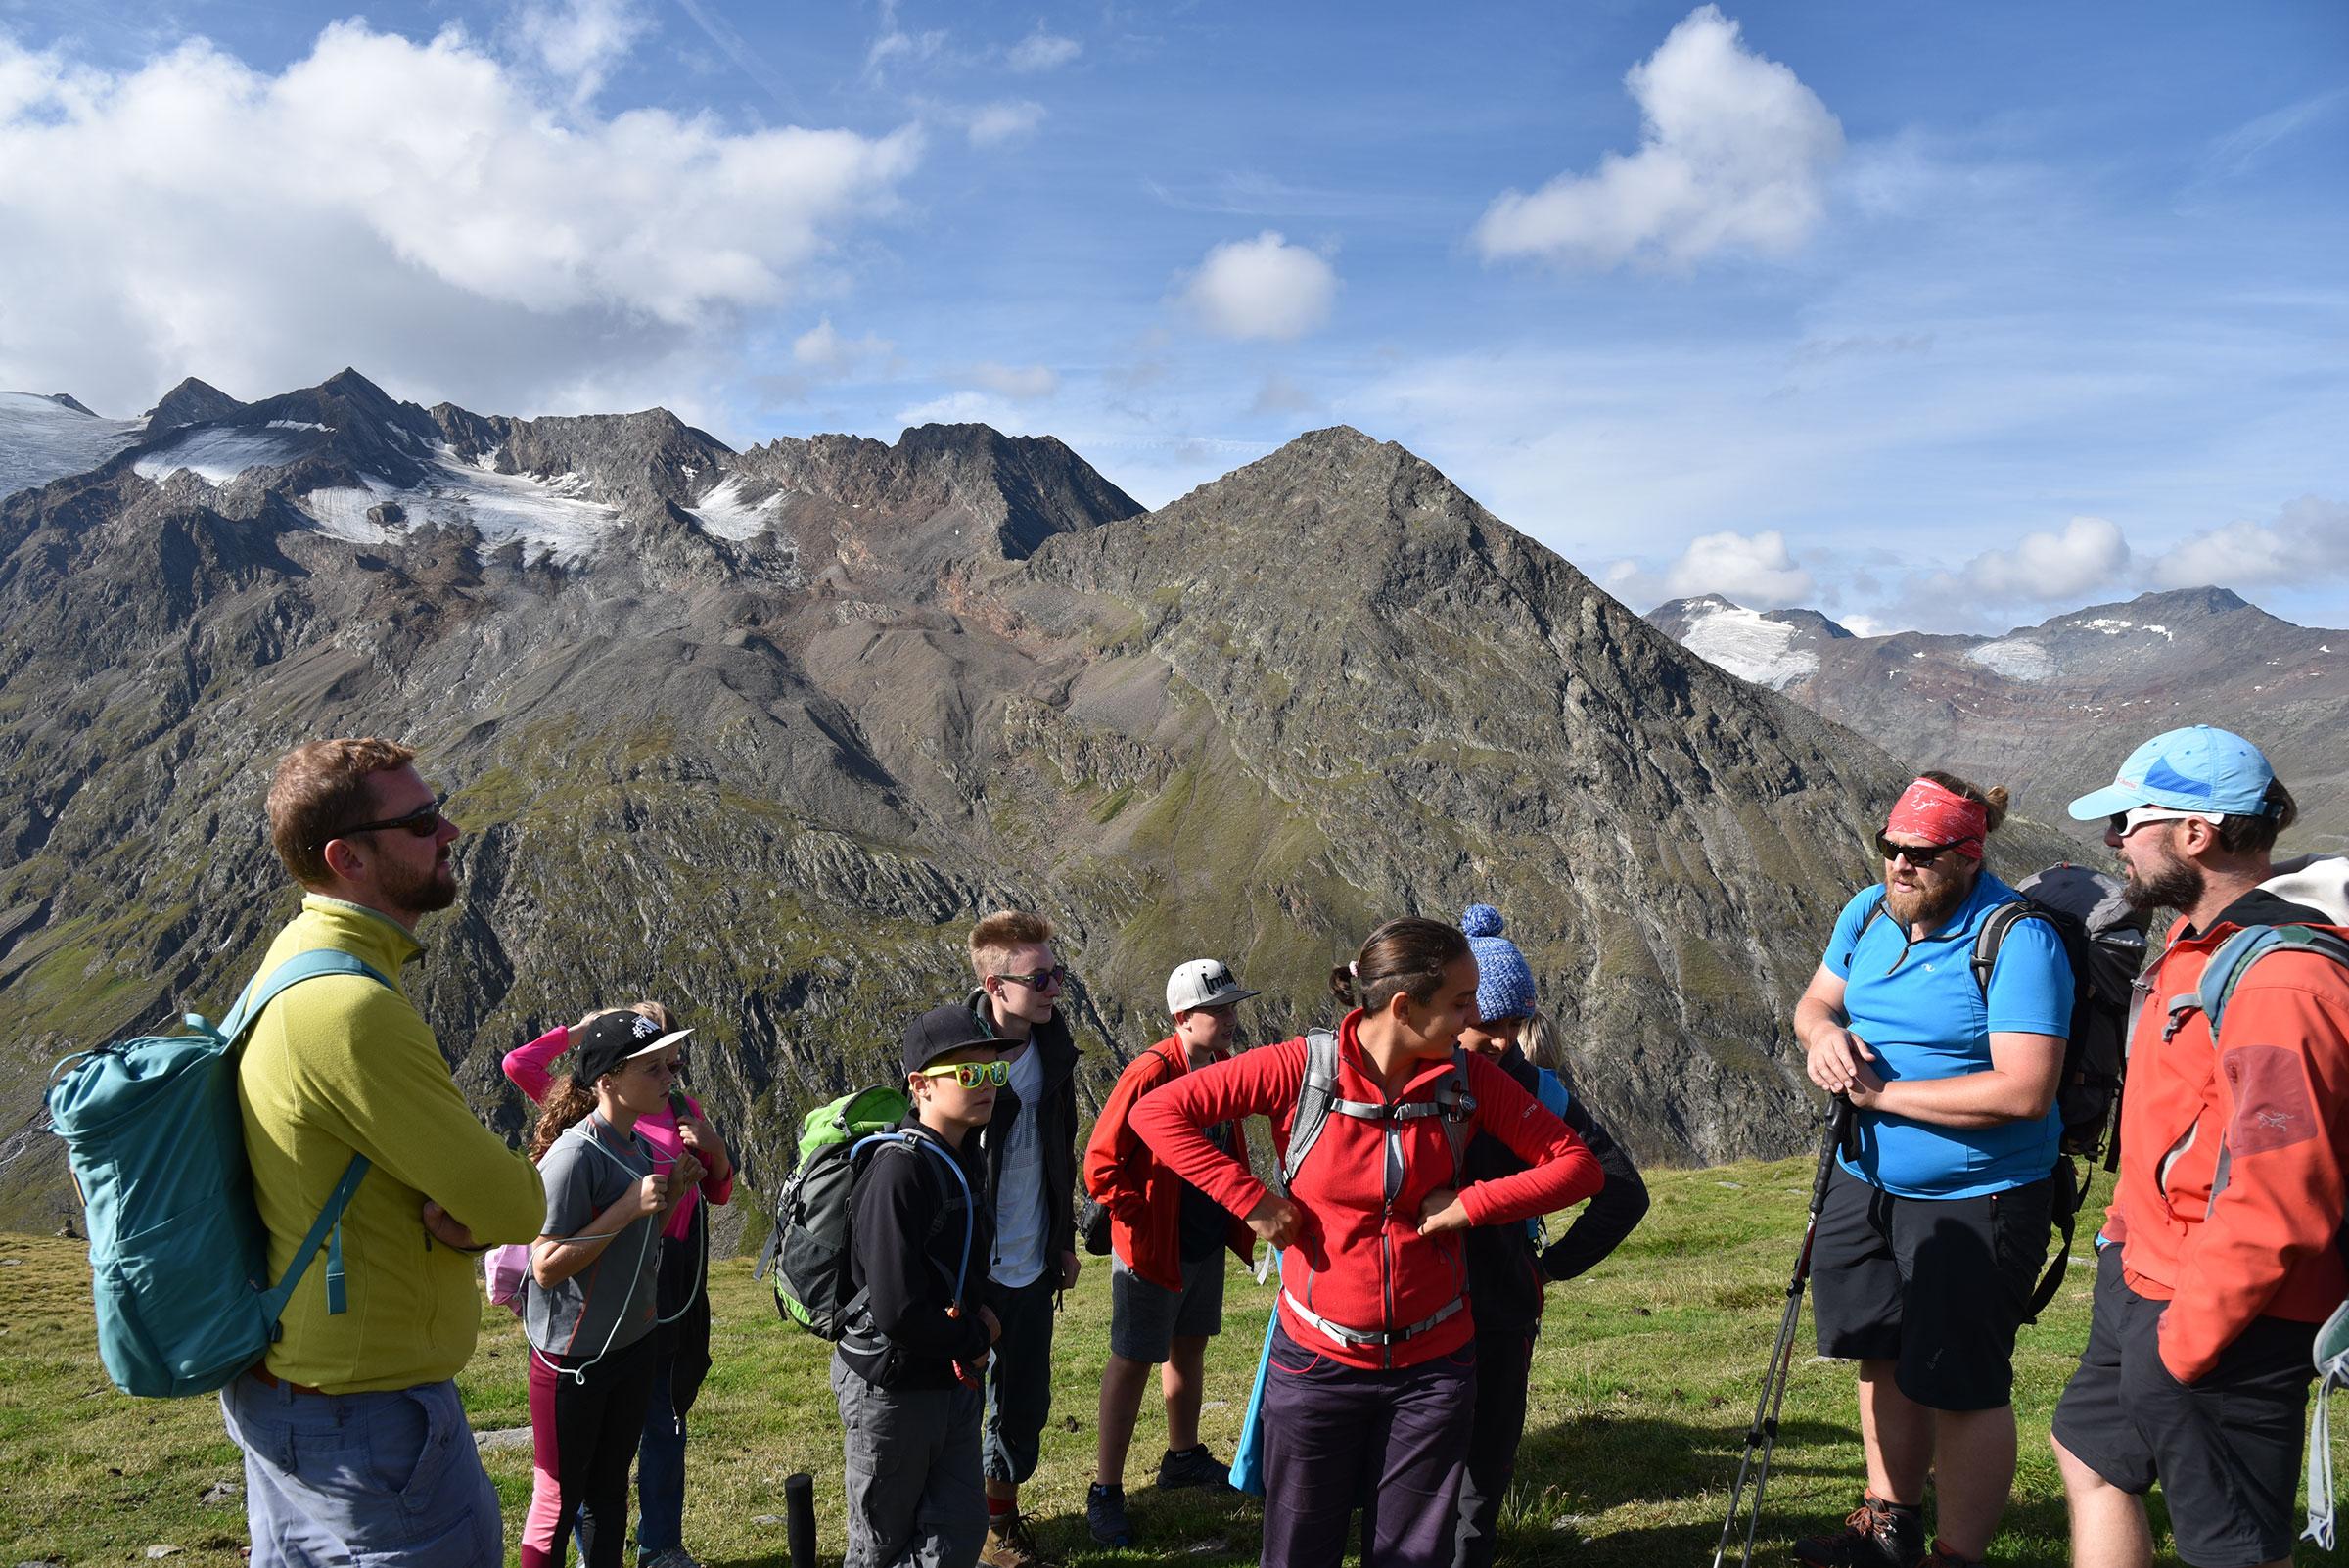 Kinder vor Gletscherzunge - Hochgebirge in Gurgl erforschen